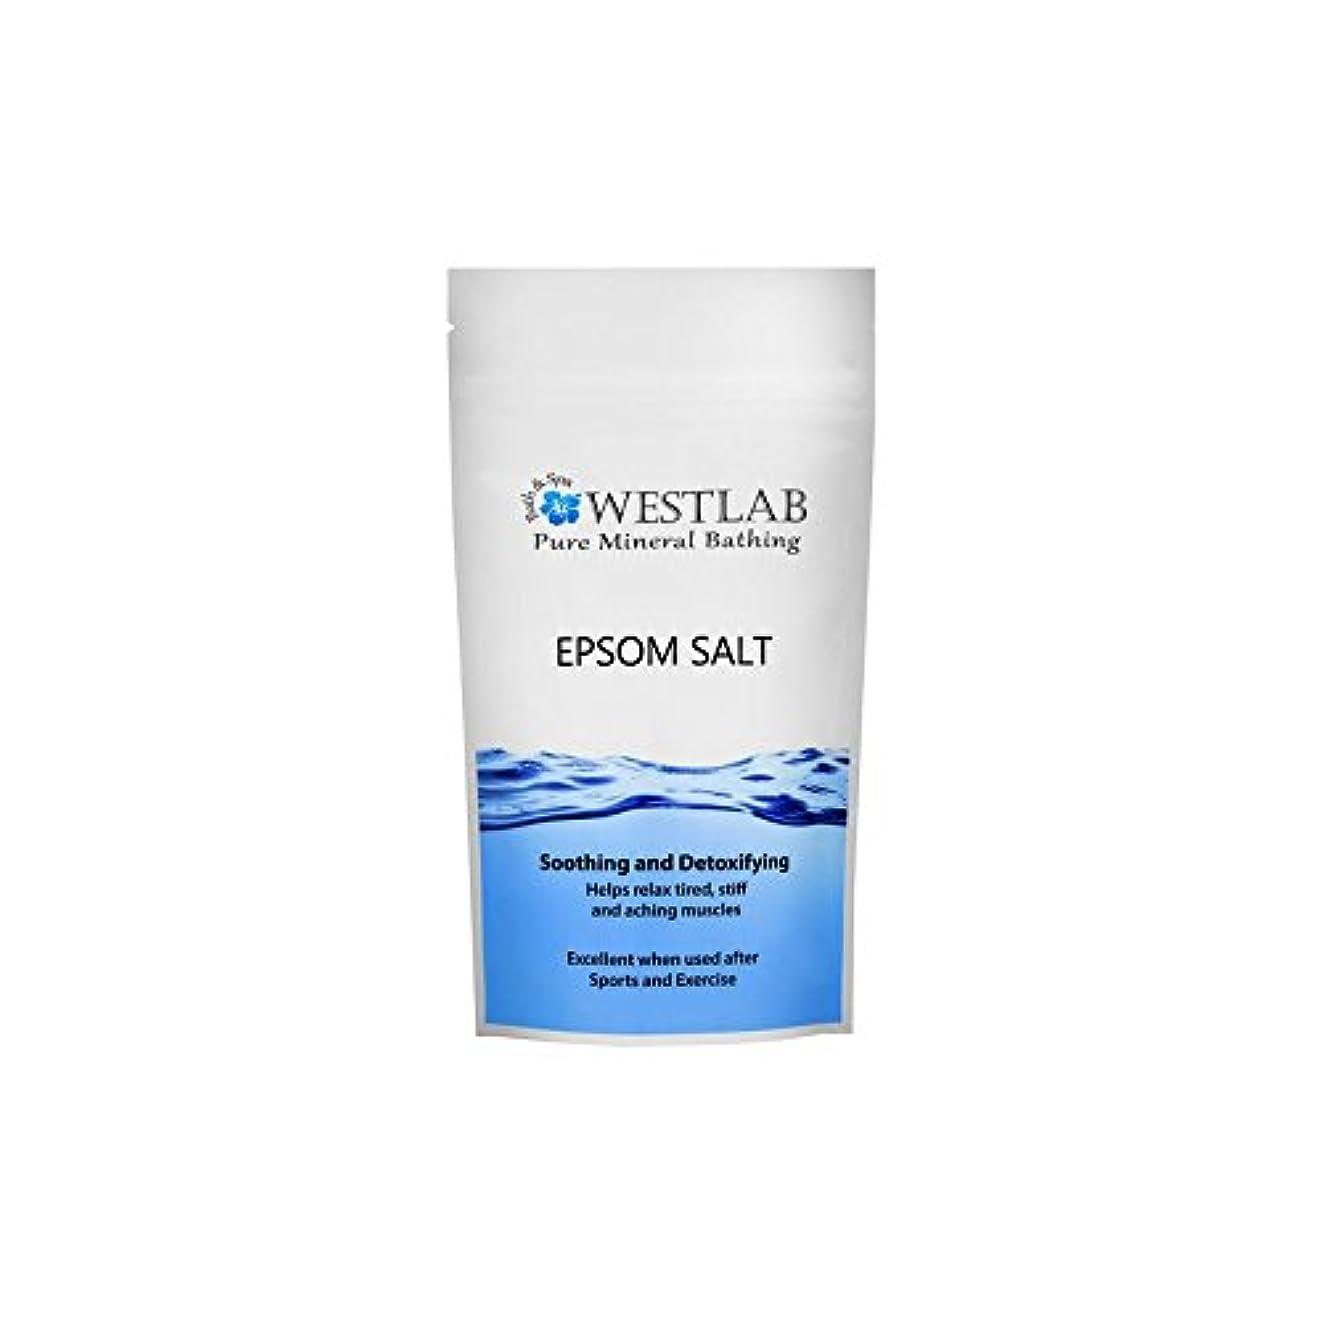 ブラジャーホイットニー条件付きエプソム塩の1キロ x2 - Westlab Epsom Salt 1kg (Pack of 2) [並行輸入品]